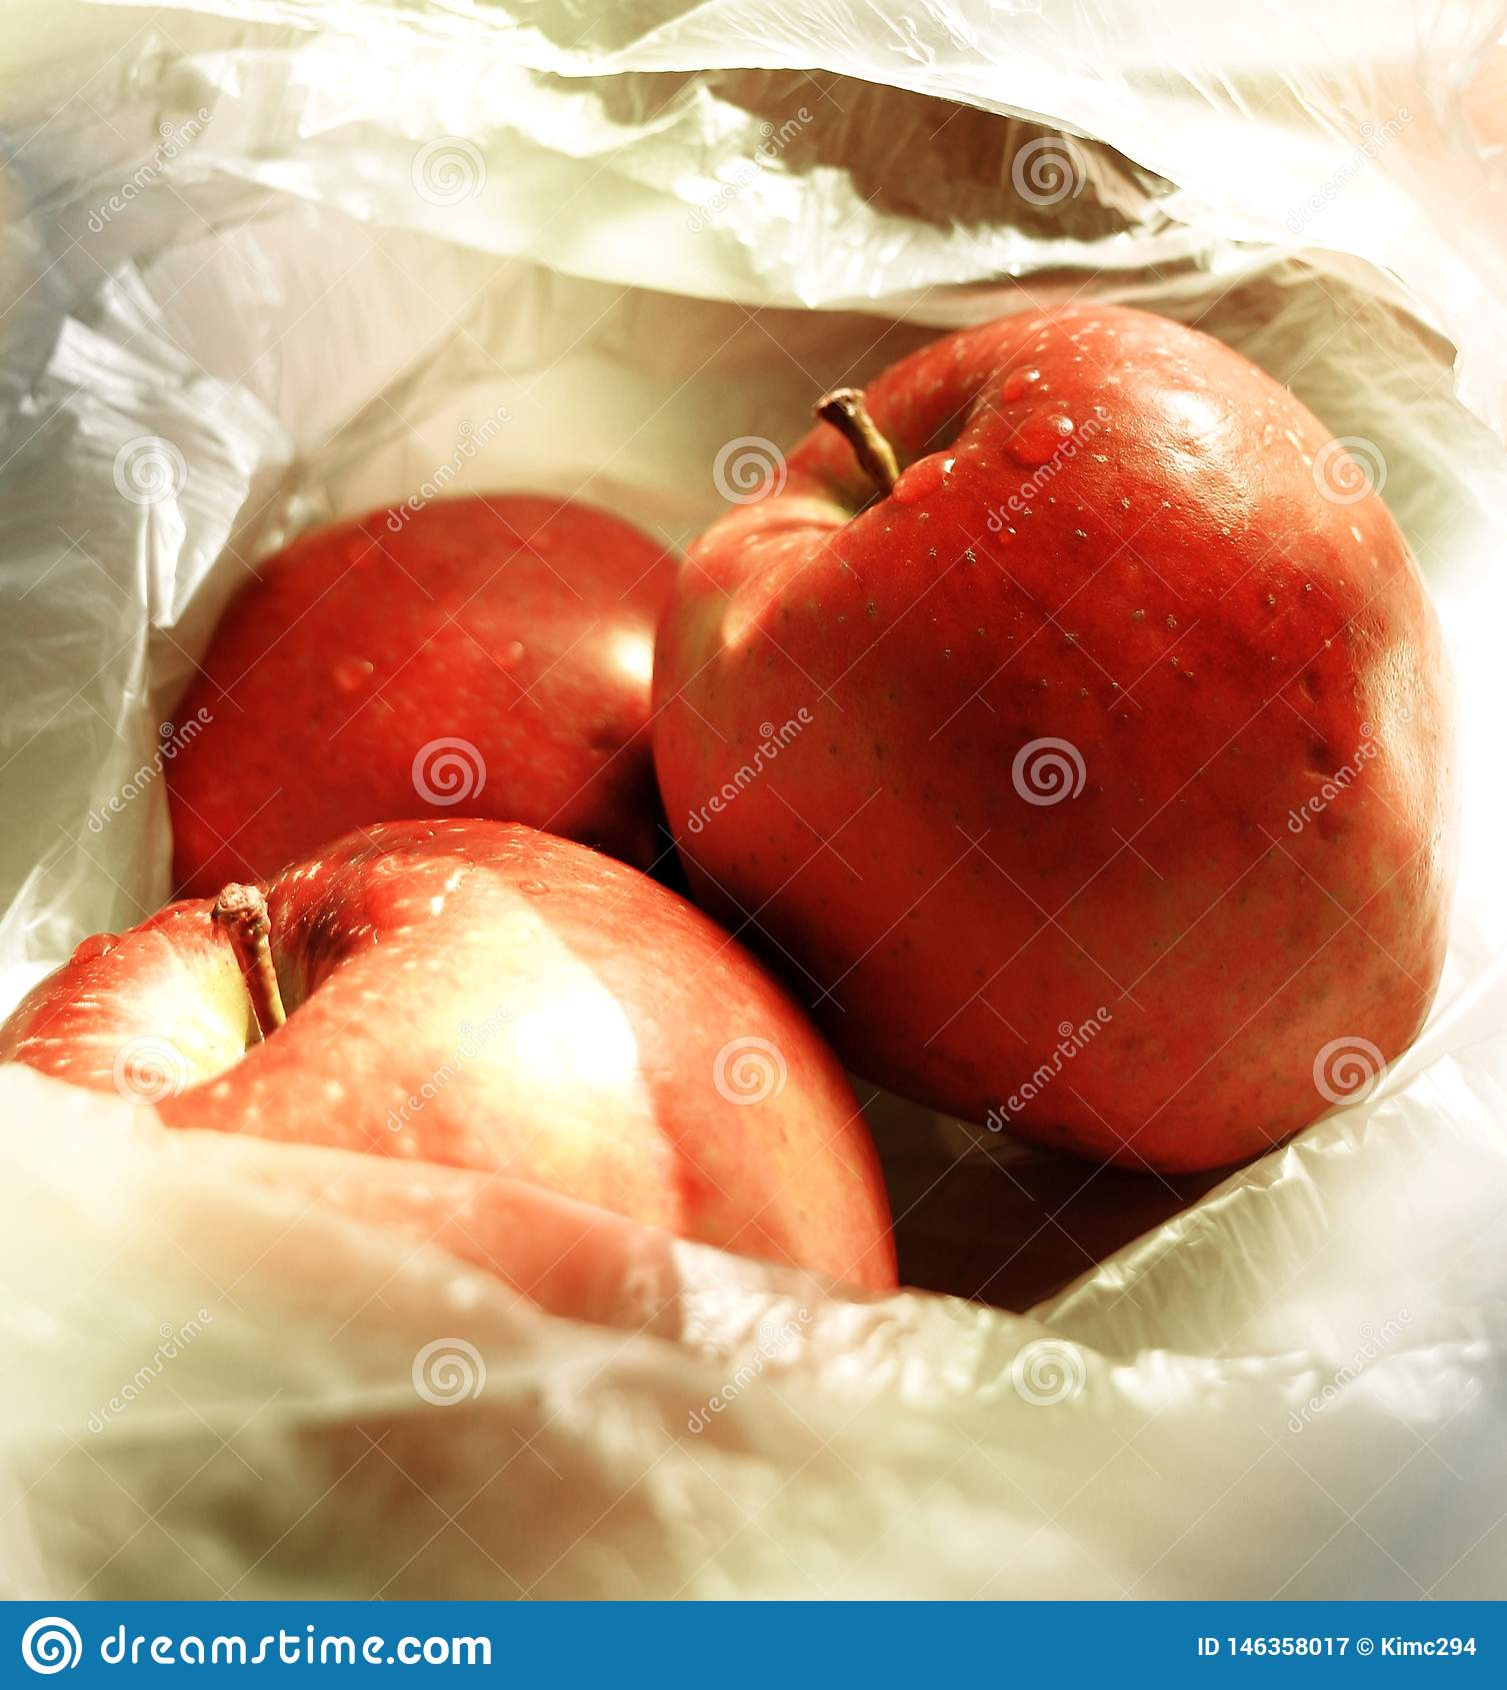 Sluit omhoog op drie rode appelen liggend in een transparante dunne plastic zak